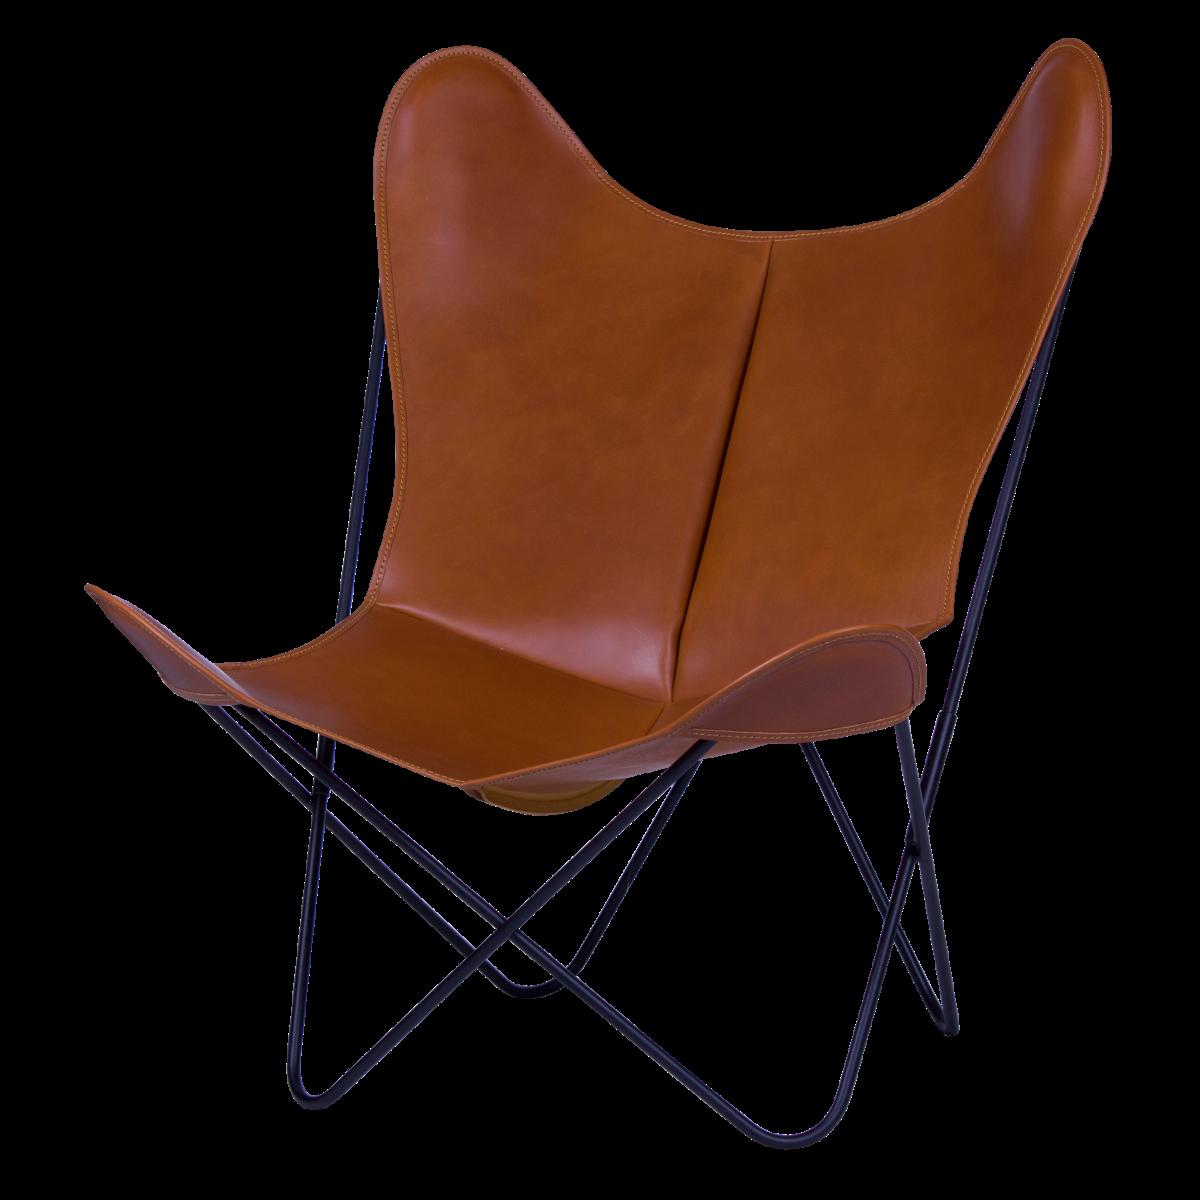 0d03992c41d0091b7d320cb19404e209 Résultat Supérieur 1 Merveilleux Petit Fauteuil Cuir Noir Und Chaise Design Pour Deco Chambre Photos 2017 Lok9